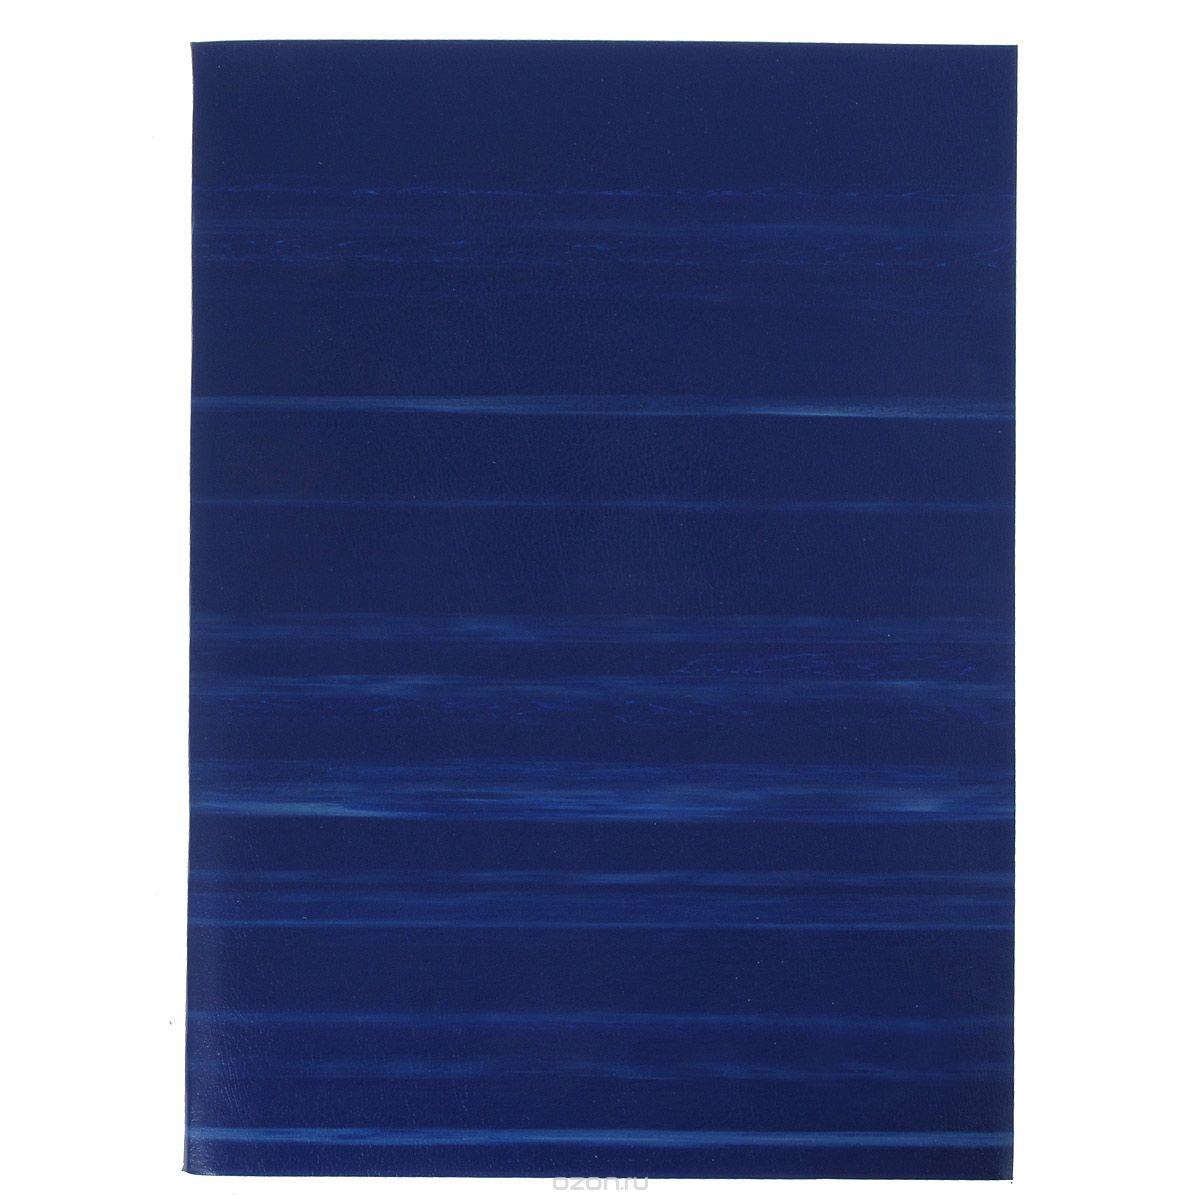 Тетрадь в клетку Альт Бумвинил, цвет: синий, 96 листов. 7-96-1187-96-118 ДТетрадь серии Бумвинил эконом-сегмента – старая добрая классика в строгом оформлении, подходящая консерваторам и любителям минимализма. Темно-синяя обложка прямоугольной формы сделана из долговечного, износоустойчивого переплетного материала - ивановского бумвинила. Размер обложки формата А4 в закрытом виде – 202 x 275 мм. Блок для записей выполнен из высококачественной офсетной бумаги белого цвета. Плотность 60 г/м2. 96 листов на металлических скрепках разлинованы в клетку.